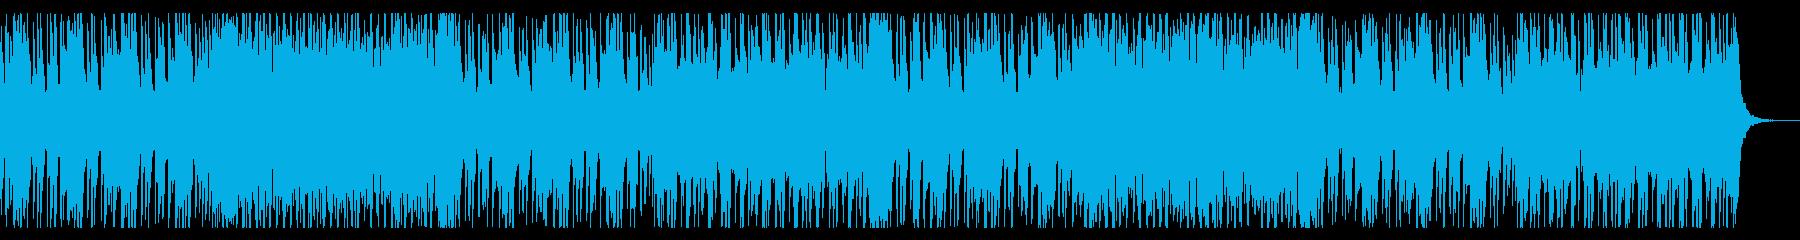 ファンクな80年代風のハロウィン曲の再生済みの波形